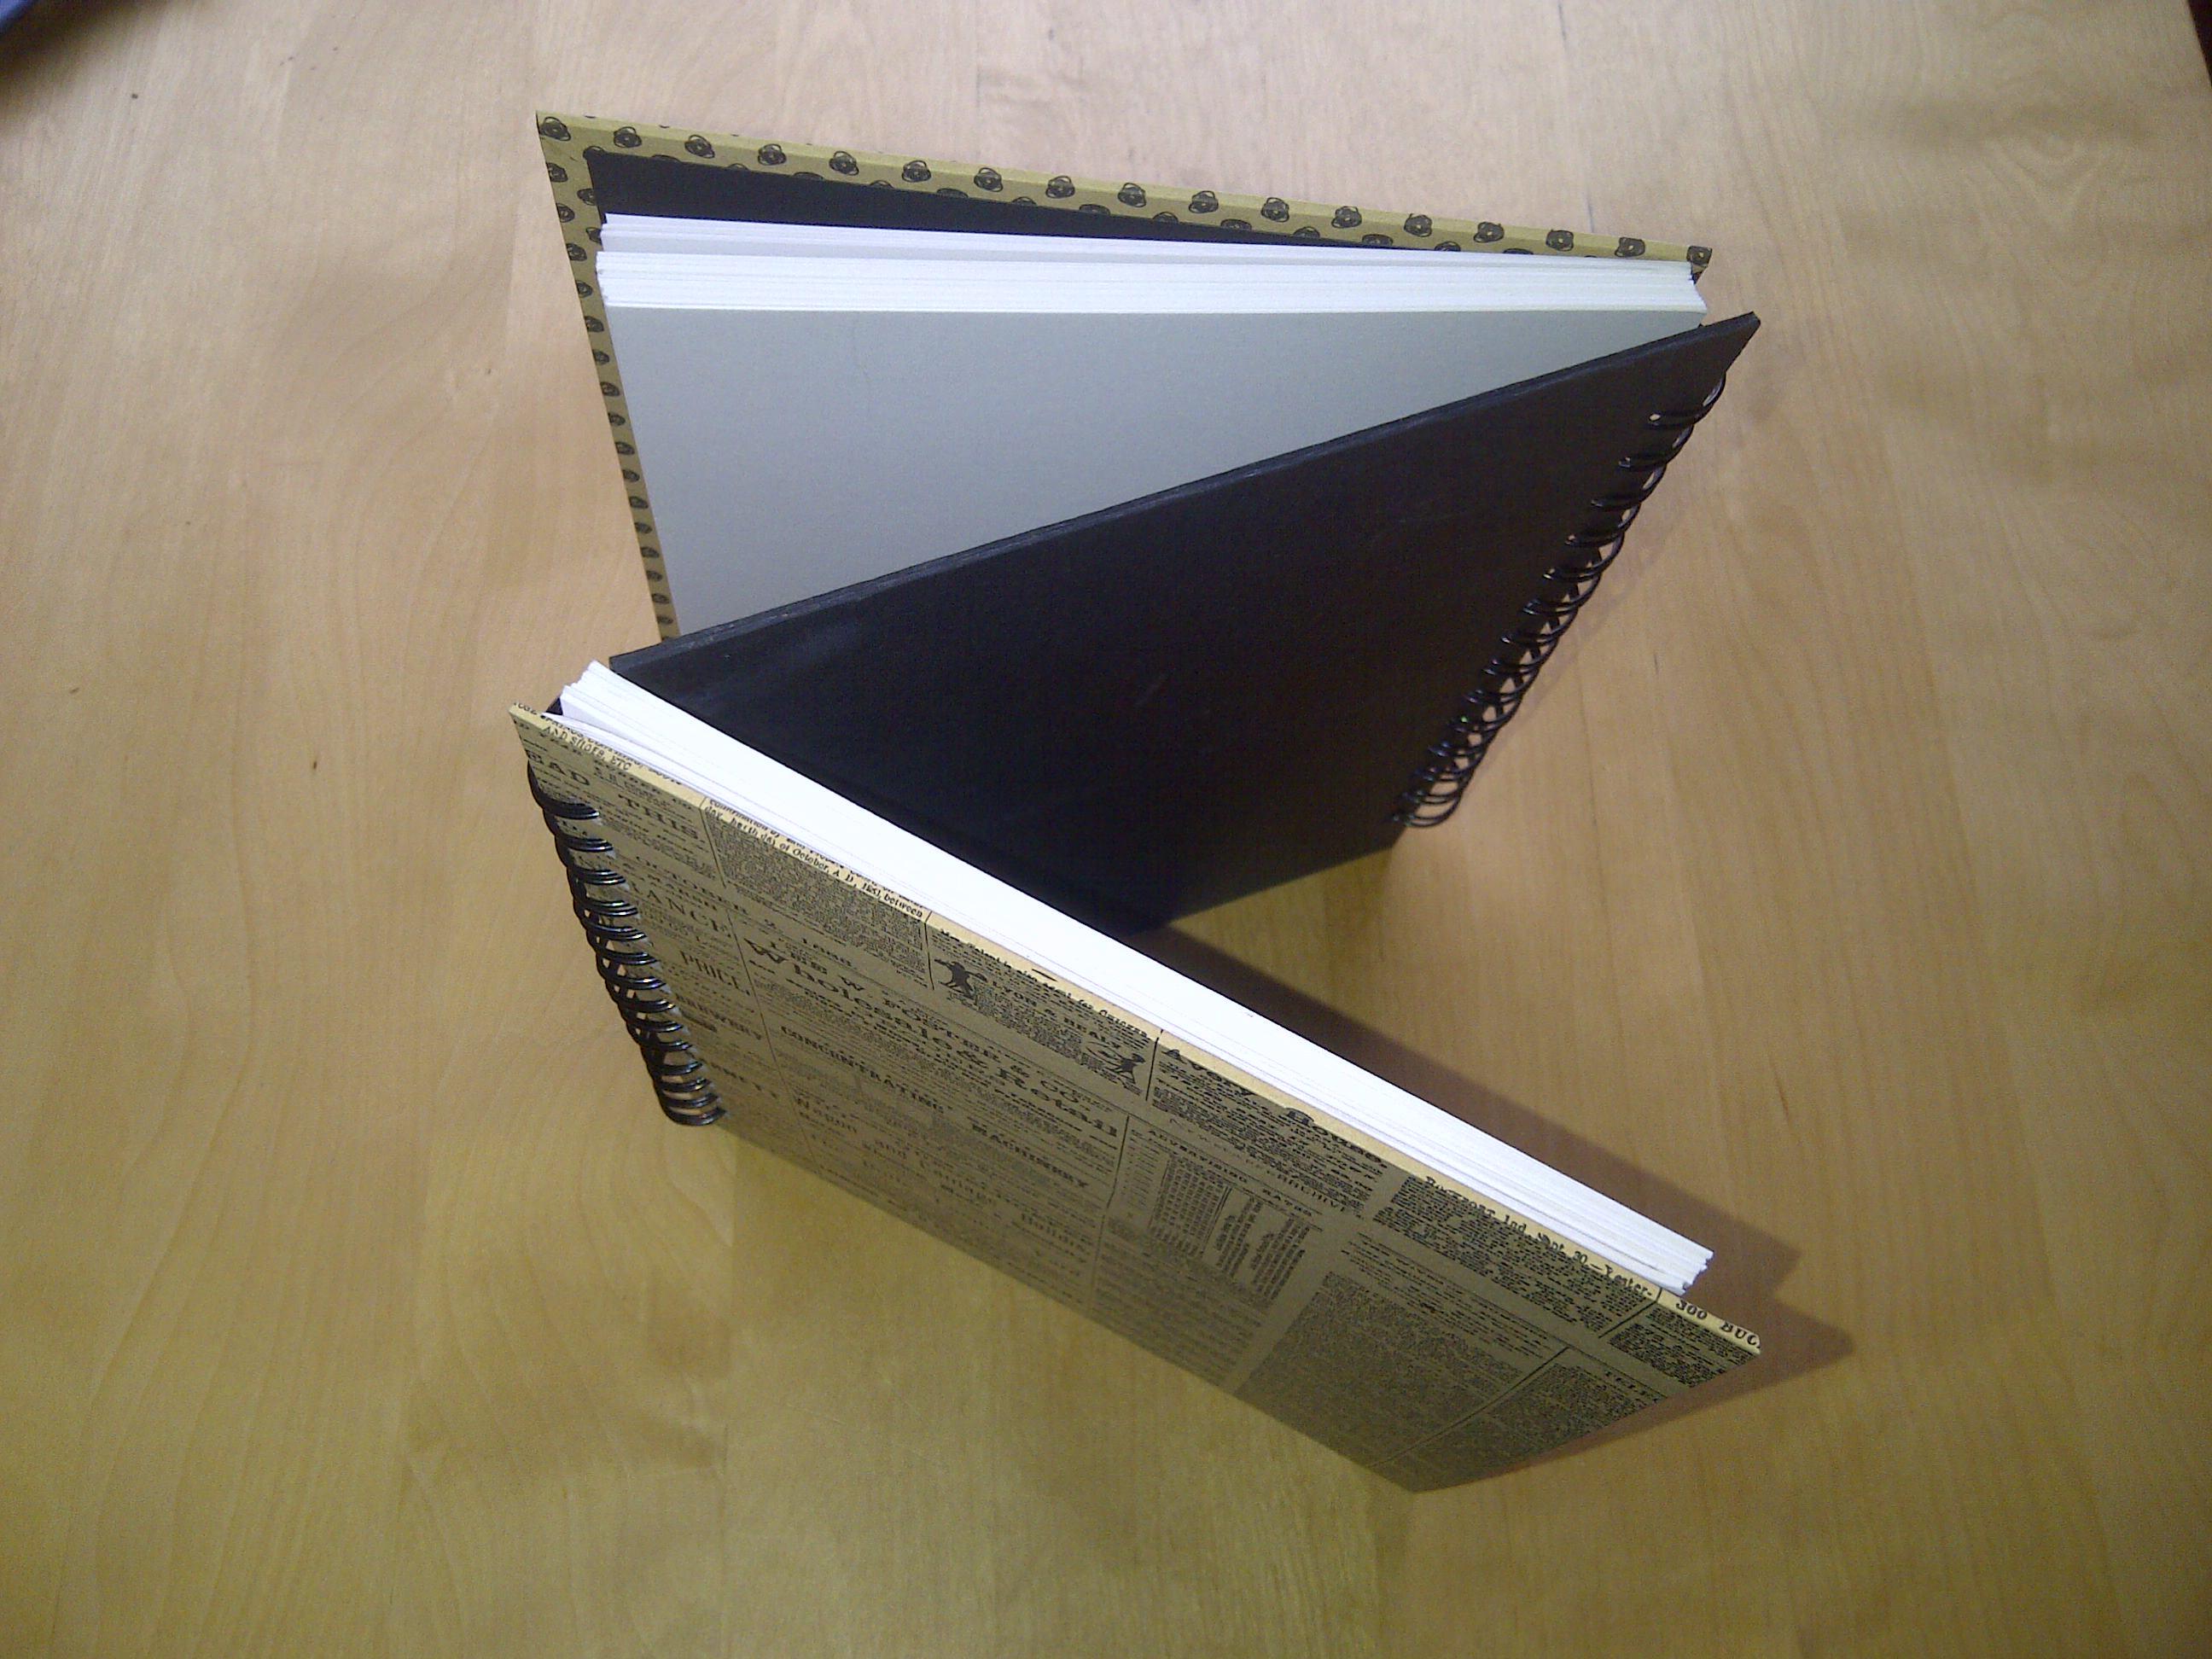 Dos-a-dos binding 1